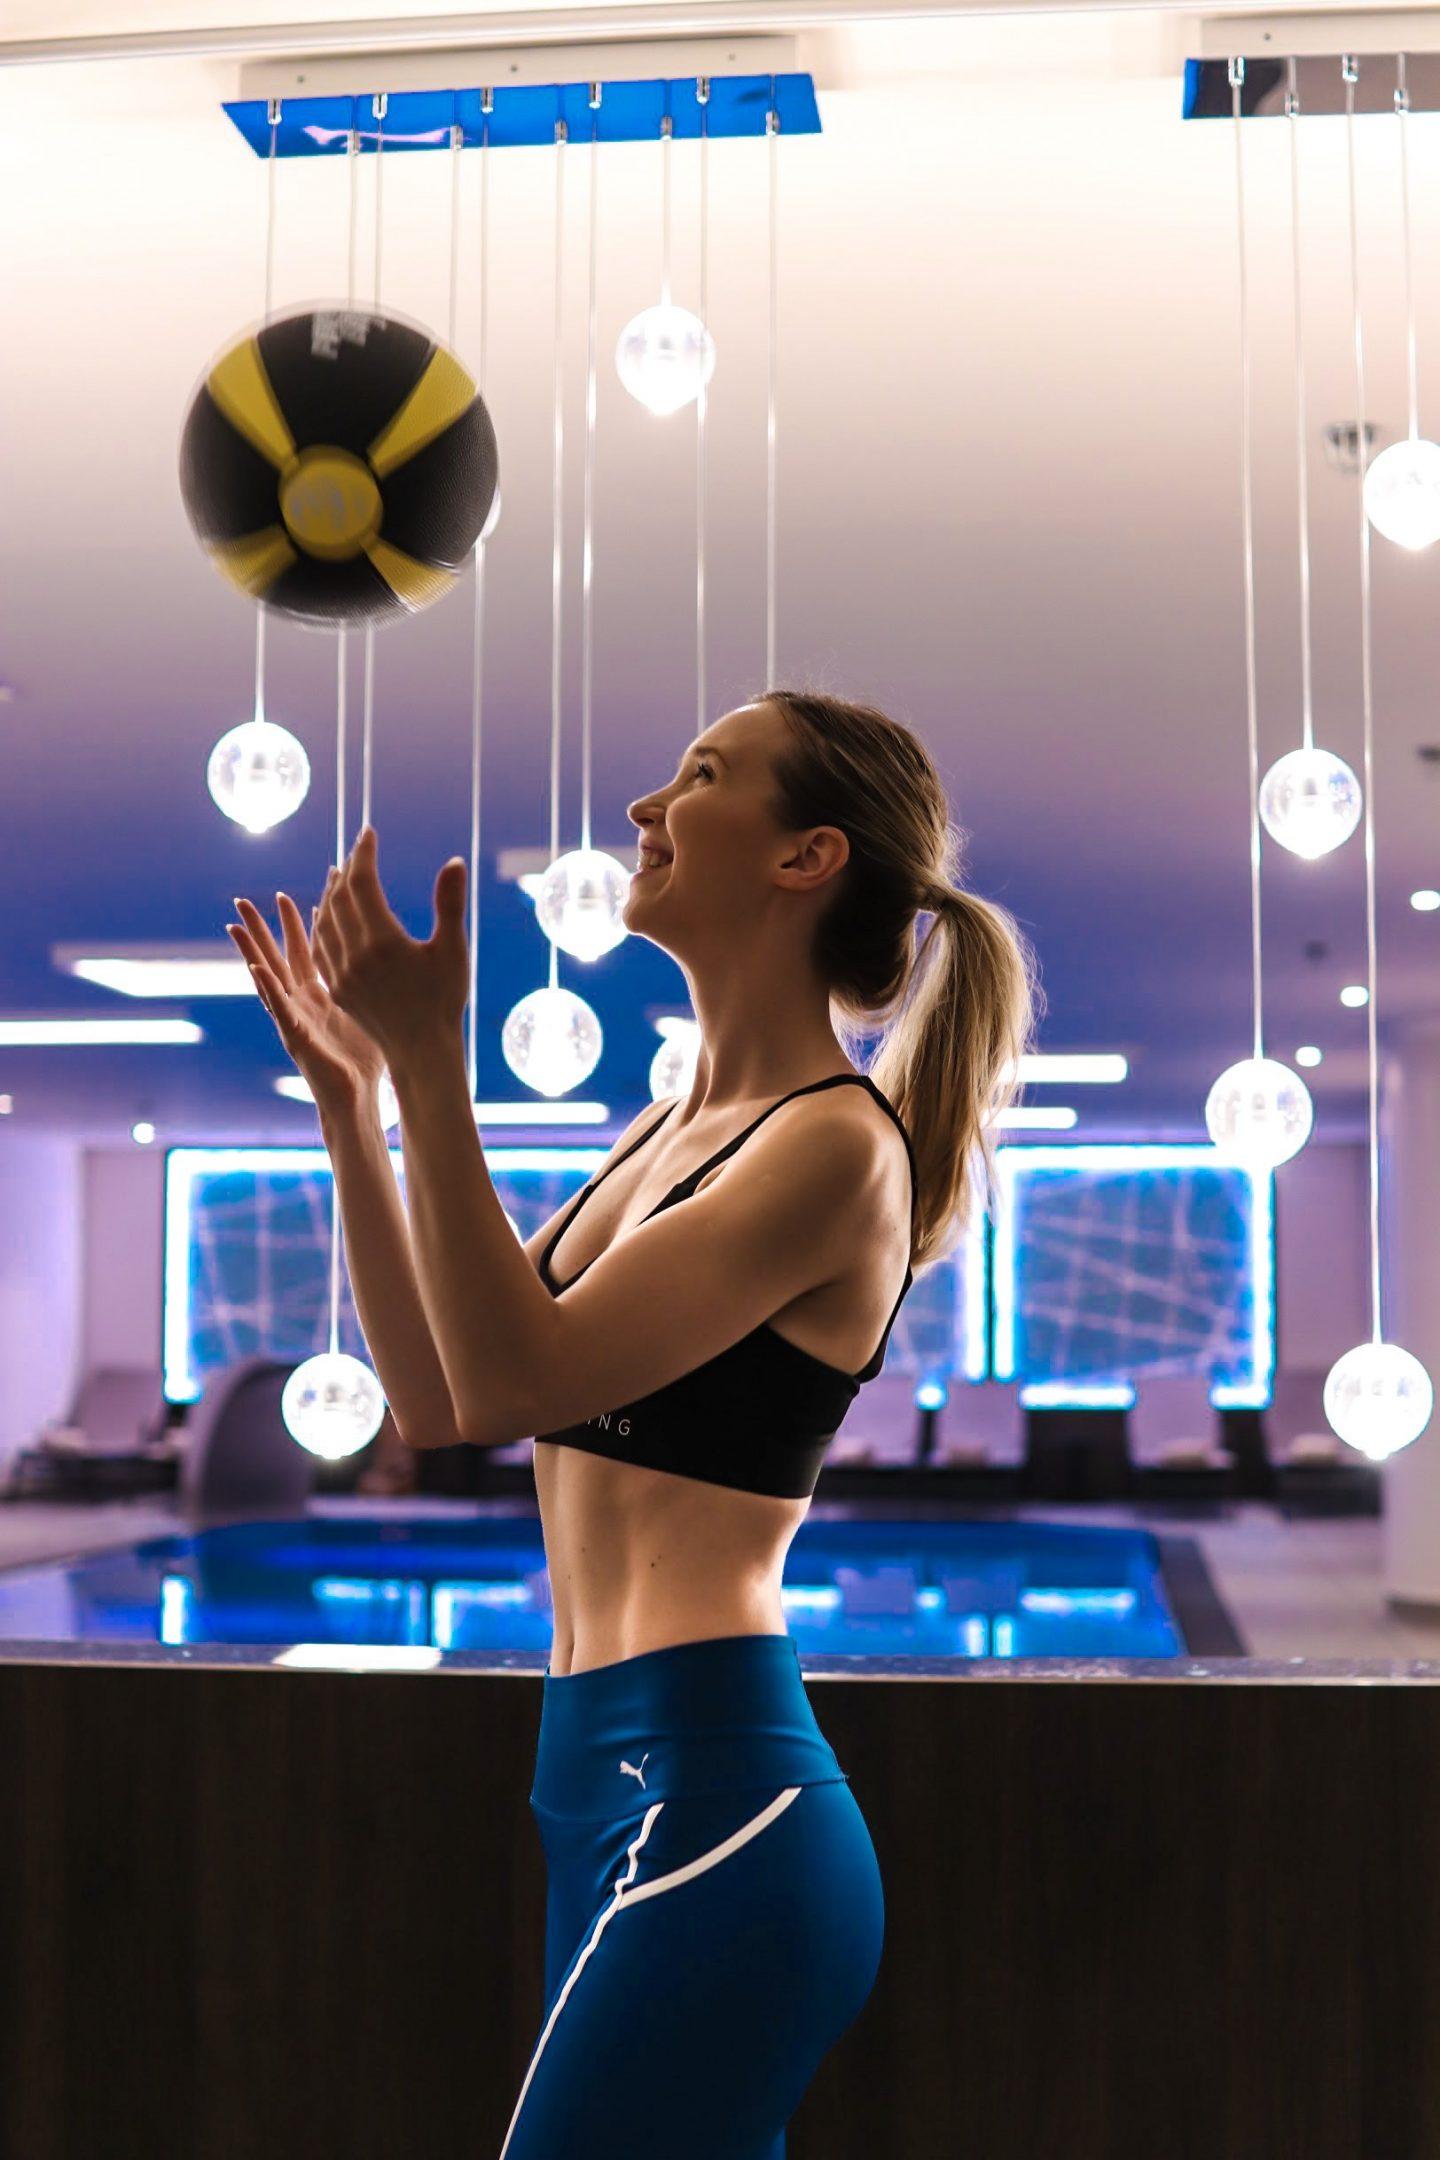 Fitnesstipps, Motivation für Sport finden